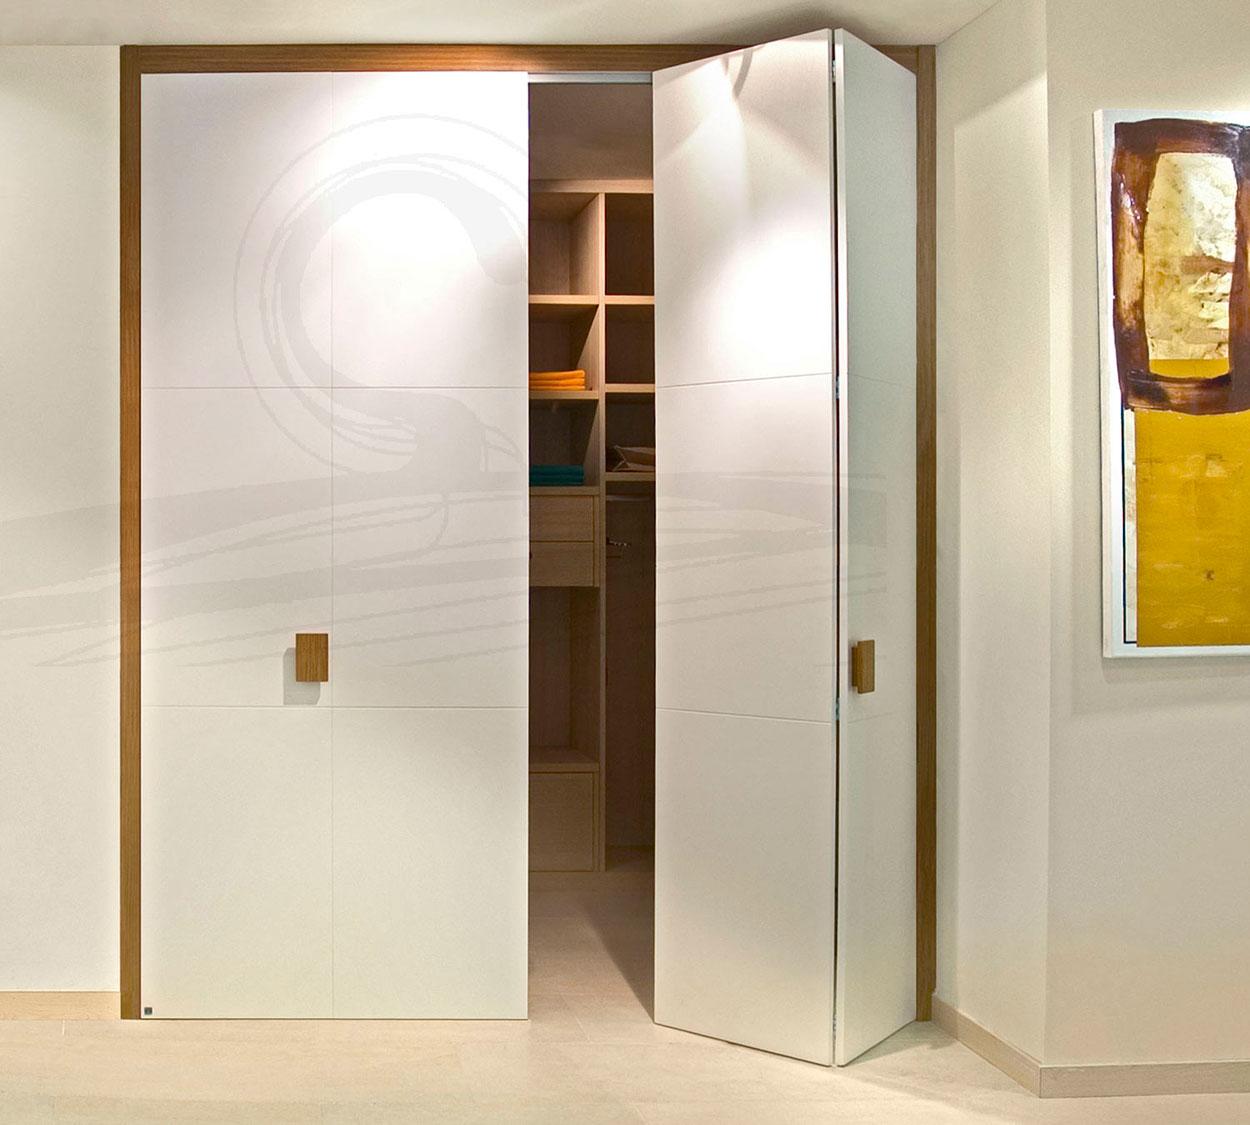 Puertas correderas a coru a puertas rototraslantes for Puertas de interior baratas